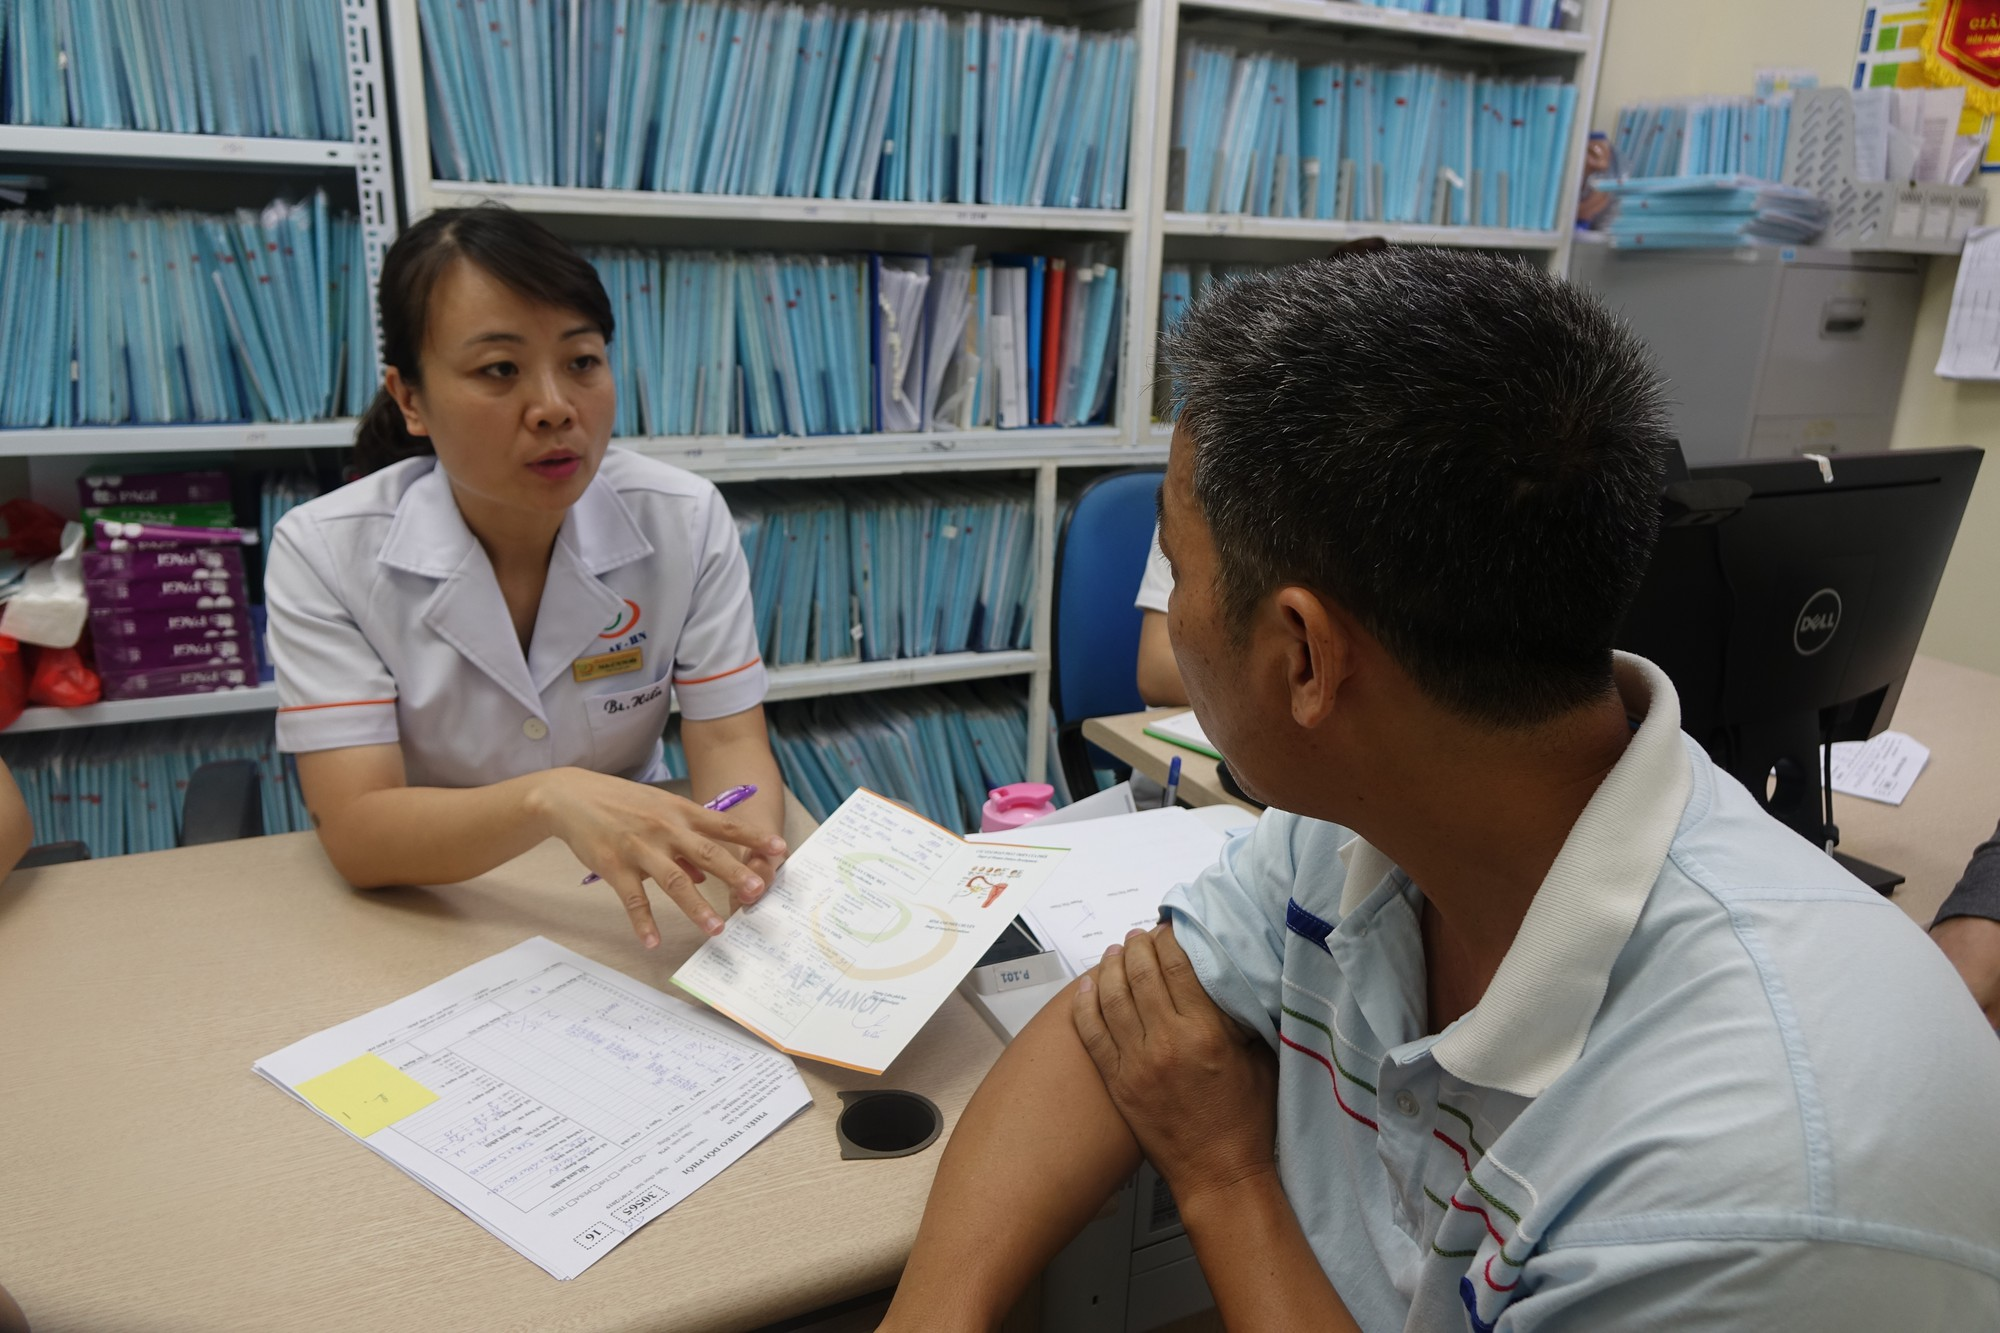 Bác sĩ vạch mặt những thói quen hàng ngày gây vô sinh ở người trẻ Việt, nhiều người biết nhưng chủ quan - Ảnh 2.